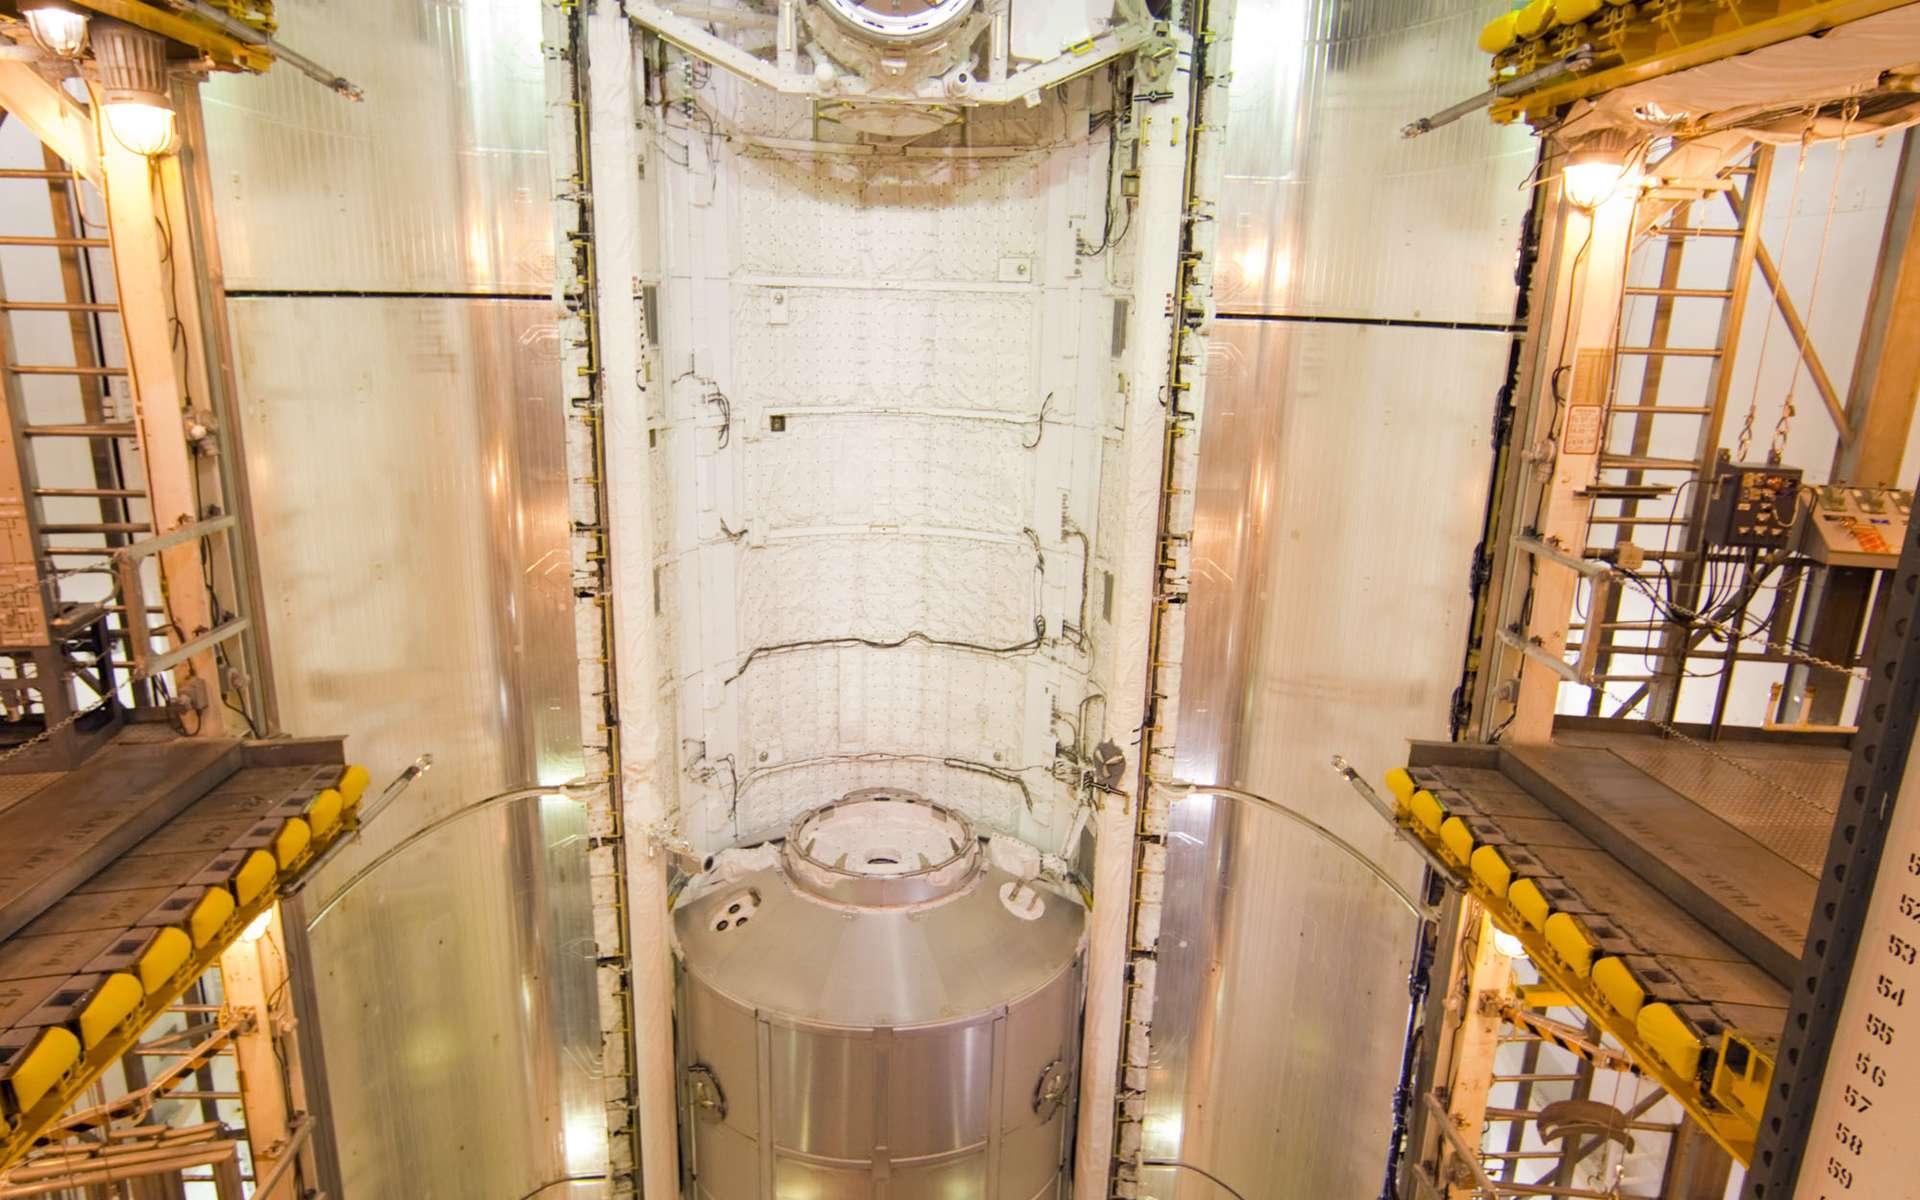 Pour la toute dernière mission d'une navette, Atlantis embarque dans sa soute Raffaello, un des trois minimodules logistiques pressurisés italiens (MPLM). L'un de ces modules a été adapté pour rester amarré à l'ISS. Raffaello, lui, redescendra sur Terre à l'issue de la mission. © Cap Canaveral, Fla/Nasa